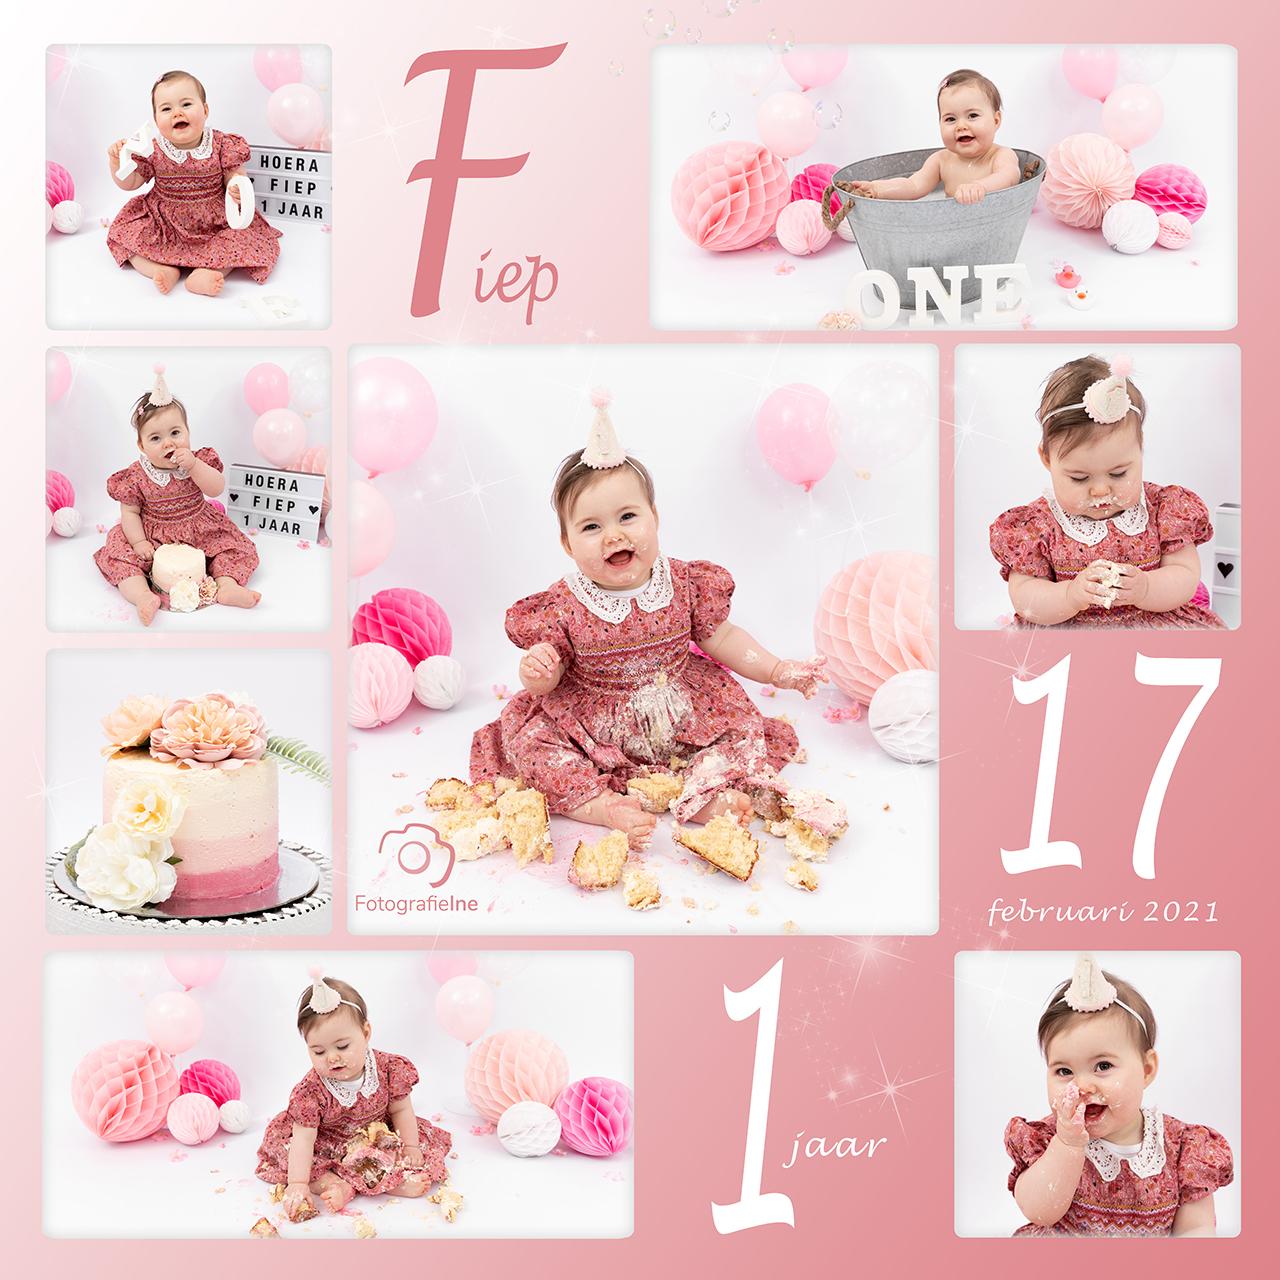 Fotografie Ine collage cakesmash Fiep roze rustige achtergrond Ine van Boerdonk